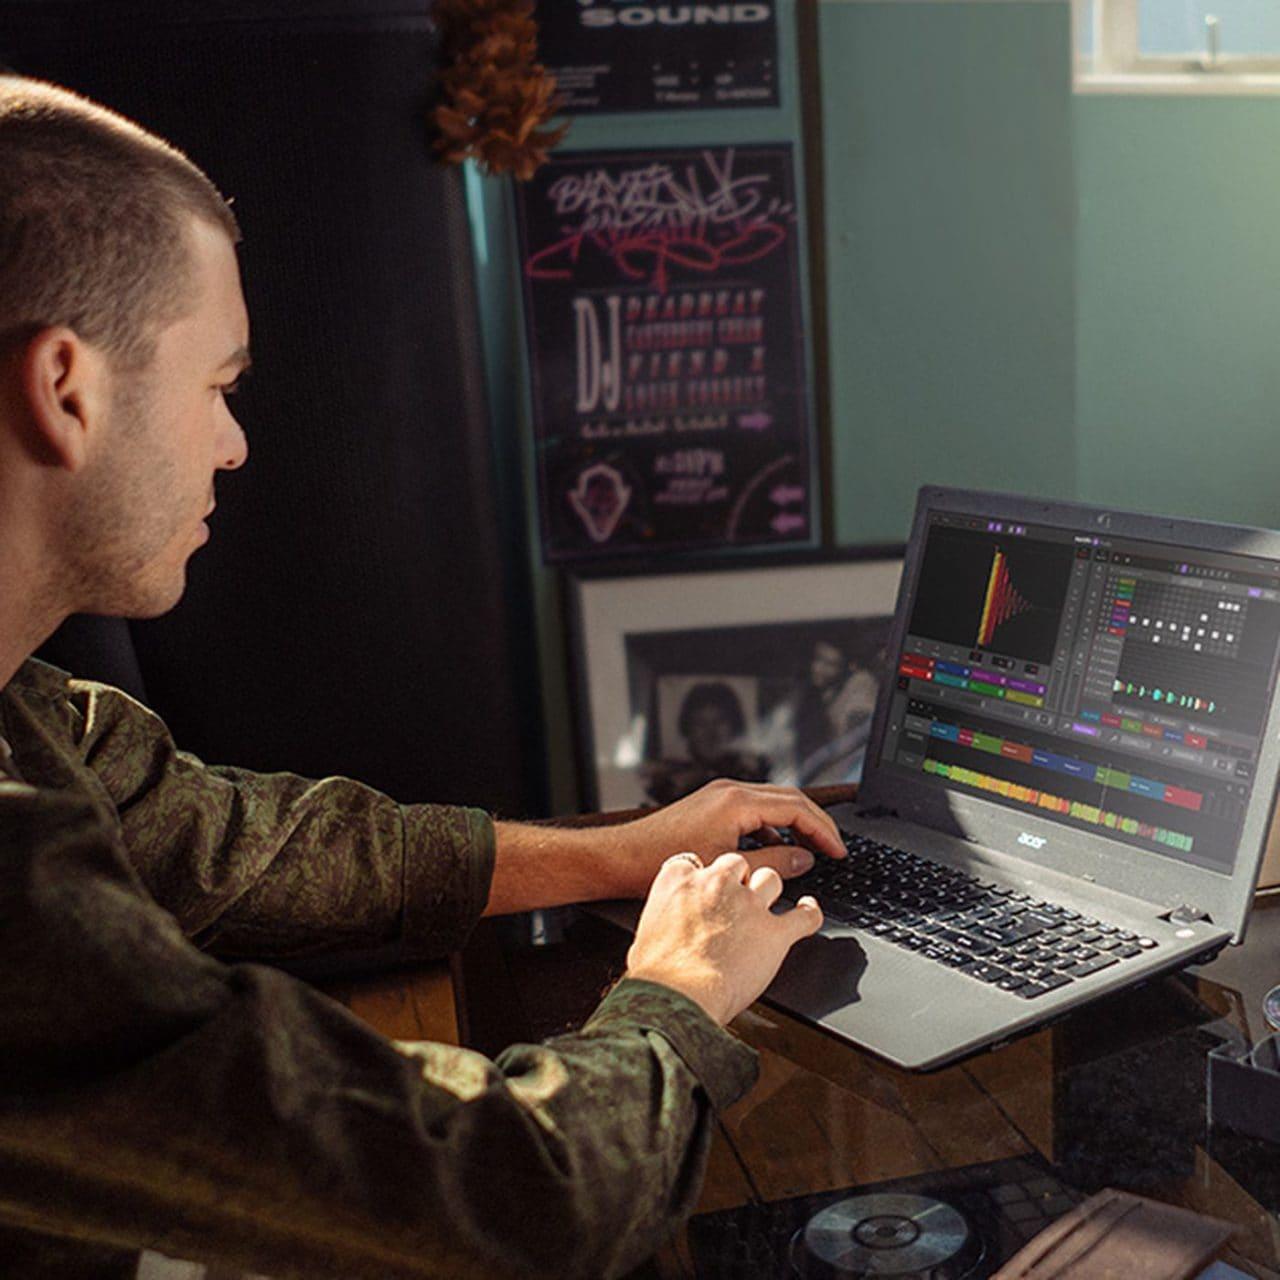 Diventa un DJ con Serato Studio DAW, ora disponibile anche in versione gratuita